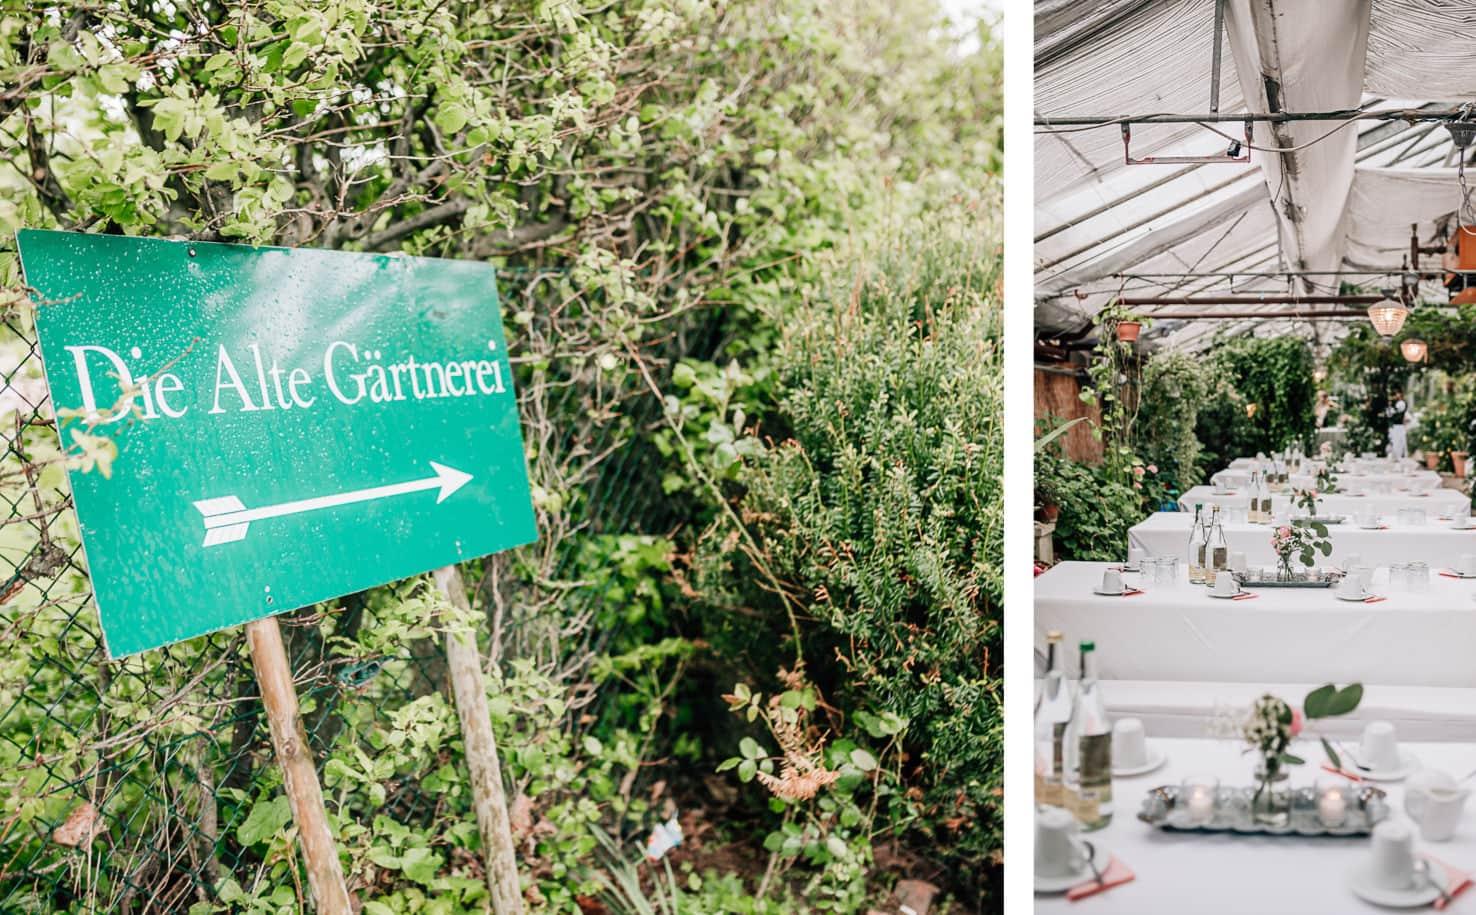 Jung und Wild design Hochzeitsguide Locations - Alte Gärtnerei in Taufkirchen bei München, Hochzeitslocation